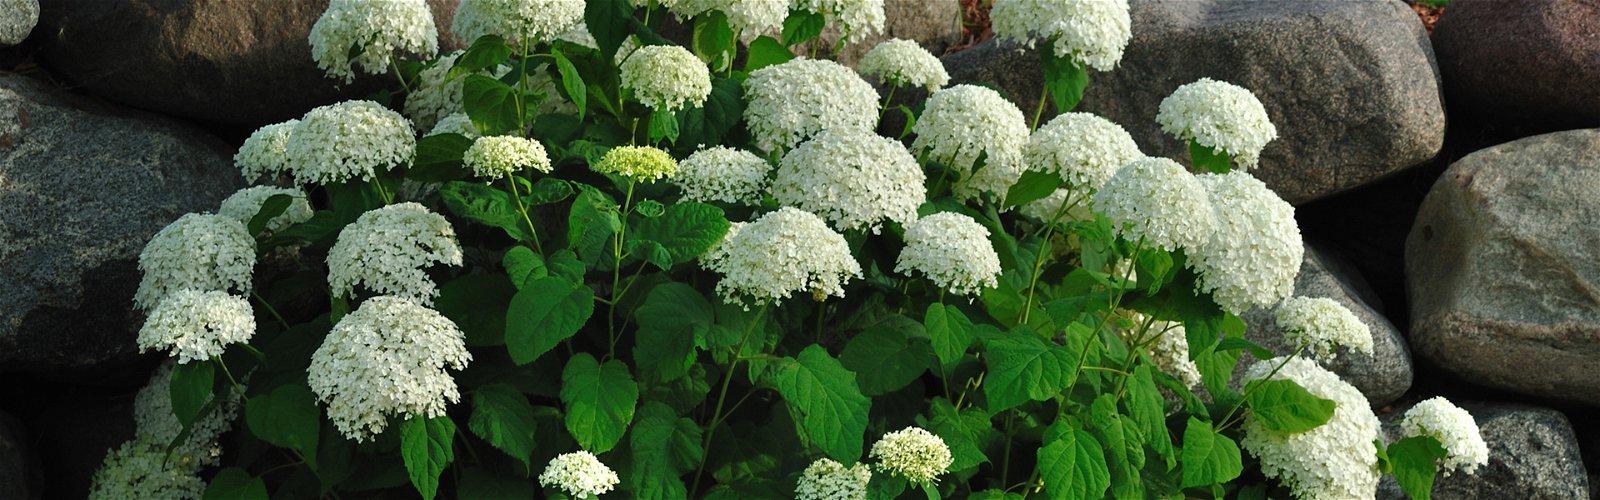 Hortensia busk